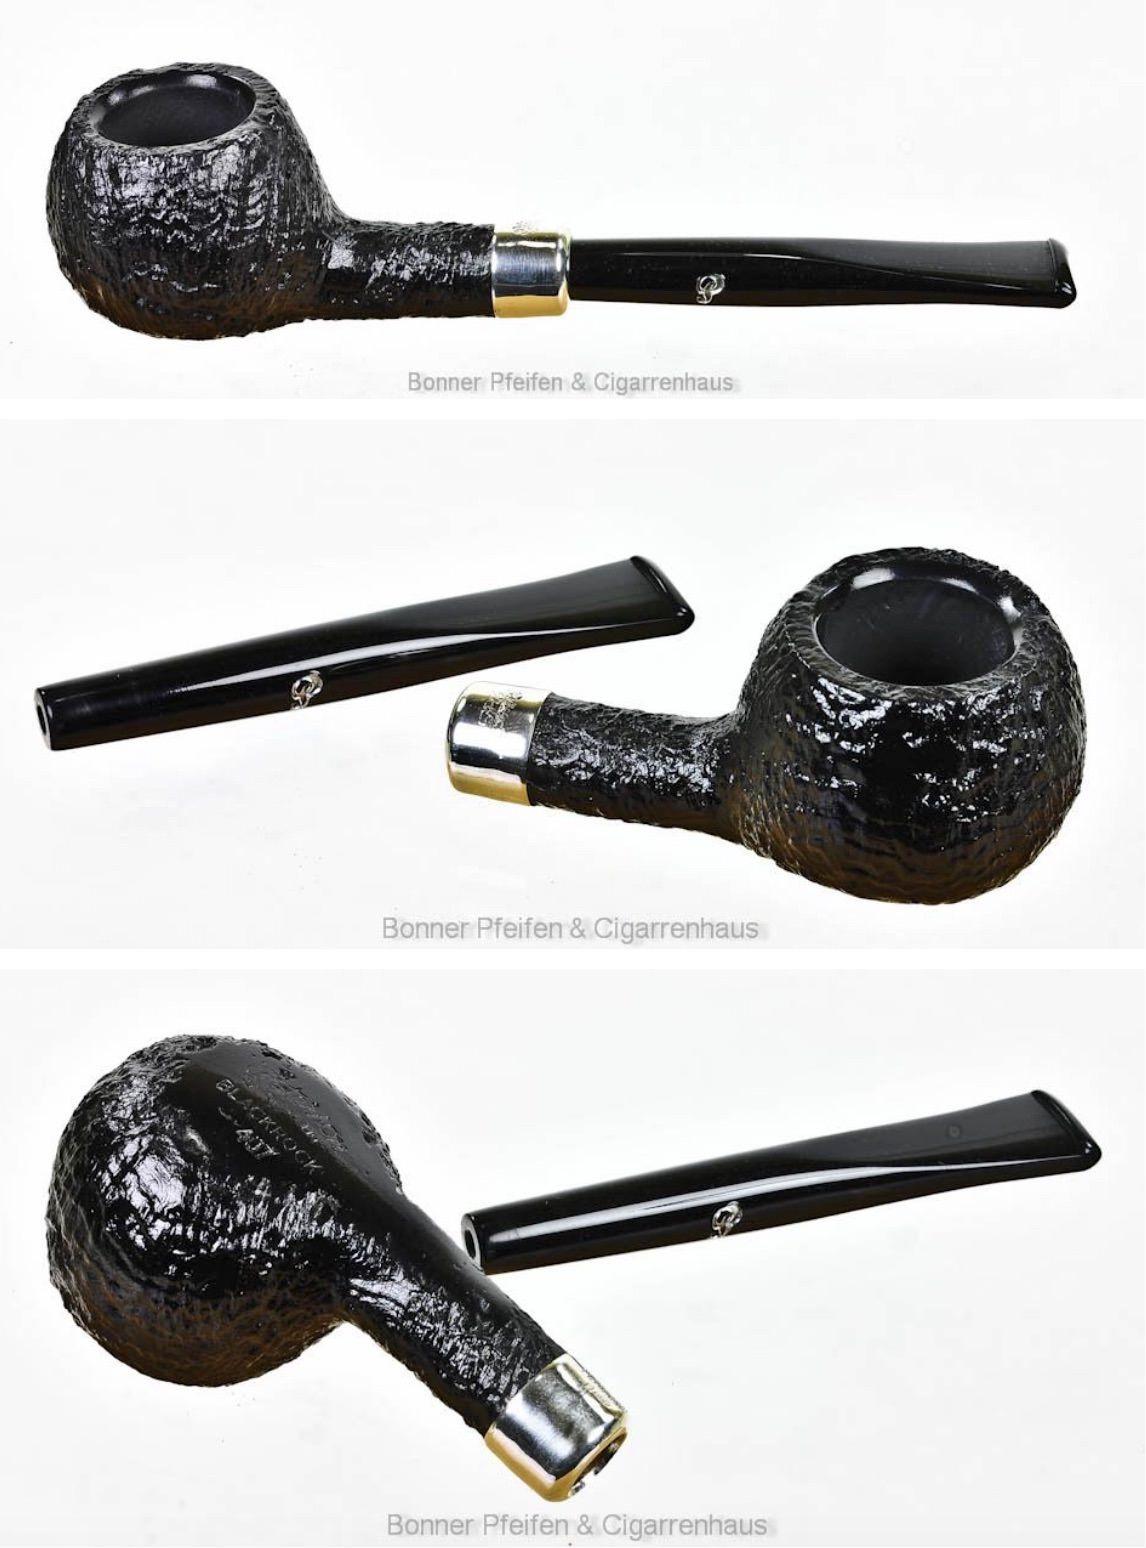 Peterson - Blackrock -  ohne Filter Gewicht : 25 g Länge : 13,5 cm Höhe : 3,1 cm Breite : 3,7 cm Bohrung : 2 cm x 2,6 cm Mundstück : Acryl